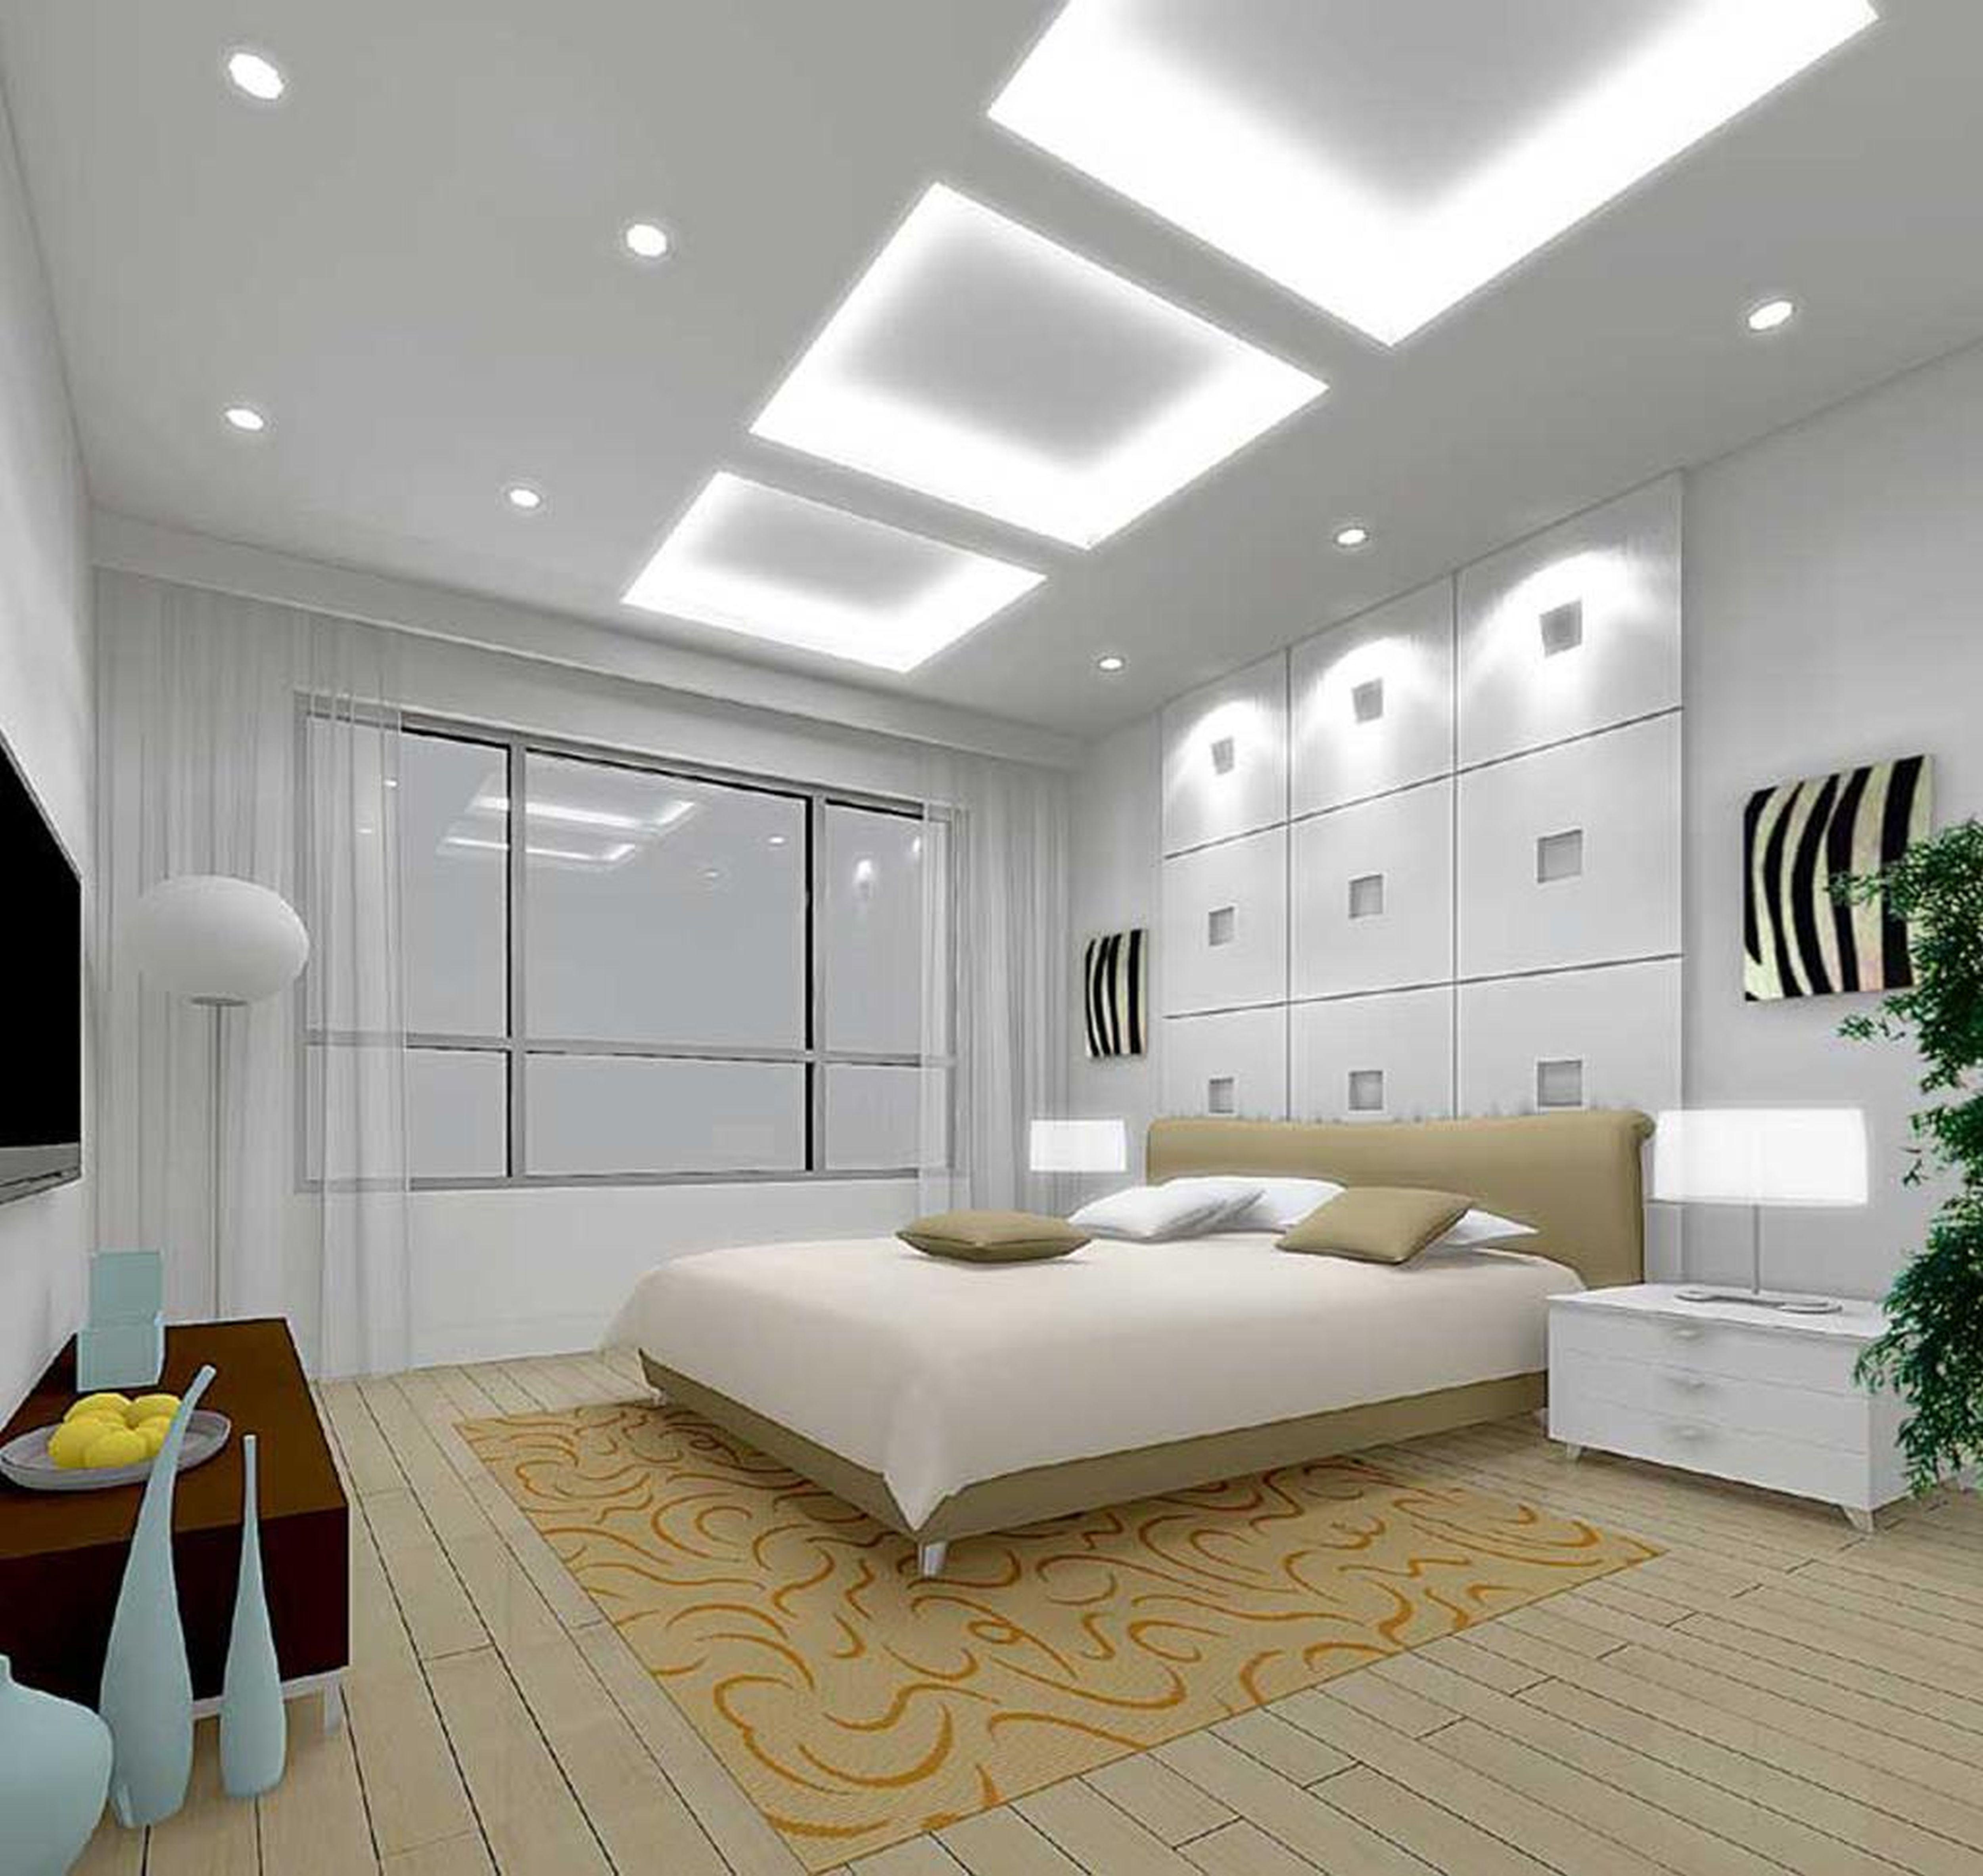 modern bedroom design ideas 2012 - bedroom  